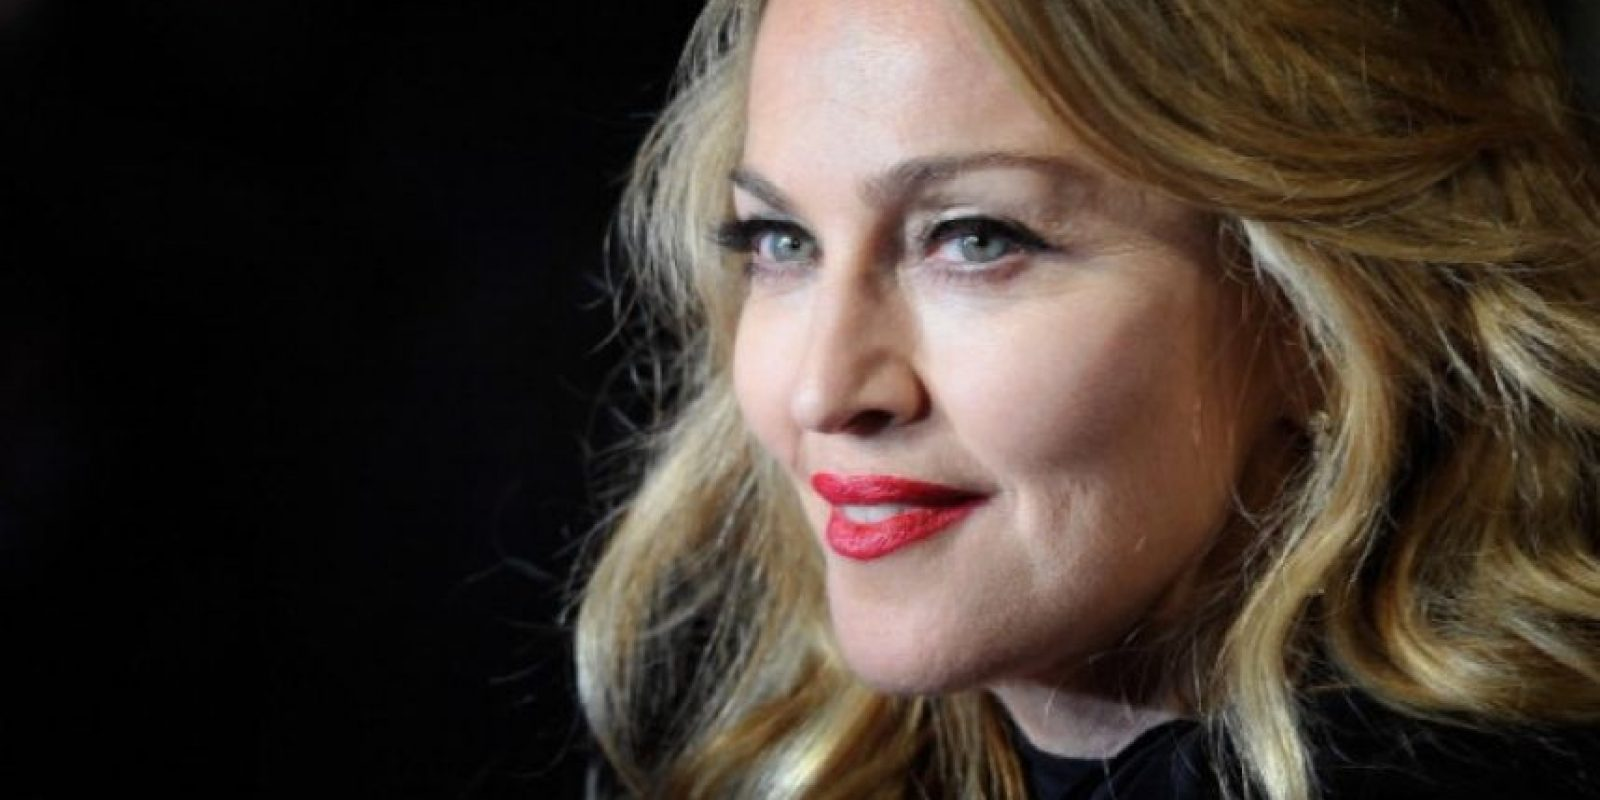 Los fans de la reina del pop se pueden enterar sobre su vida. Foto:Getty Images